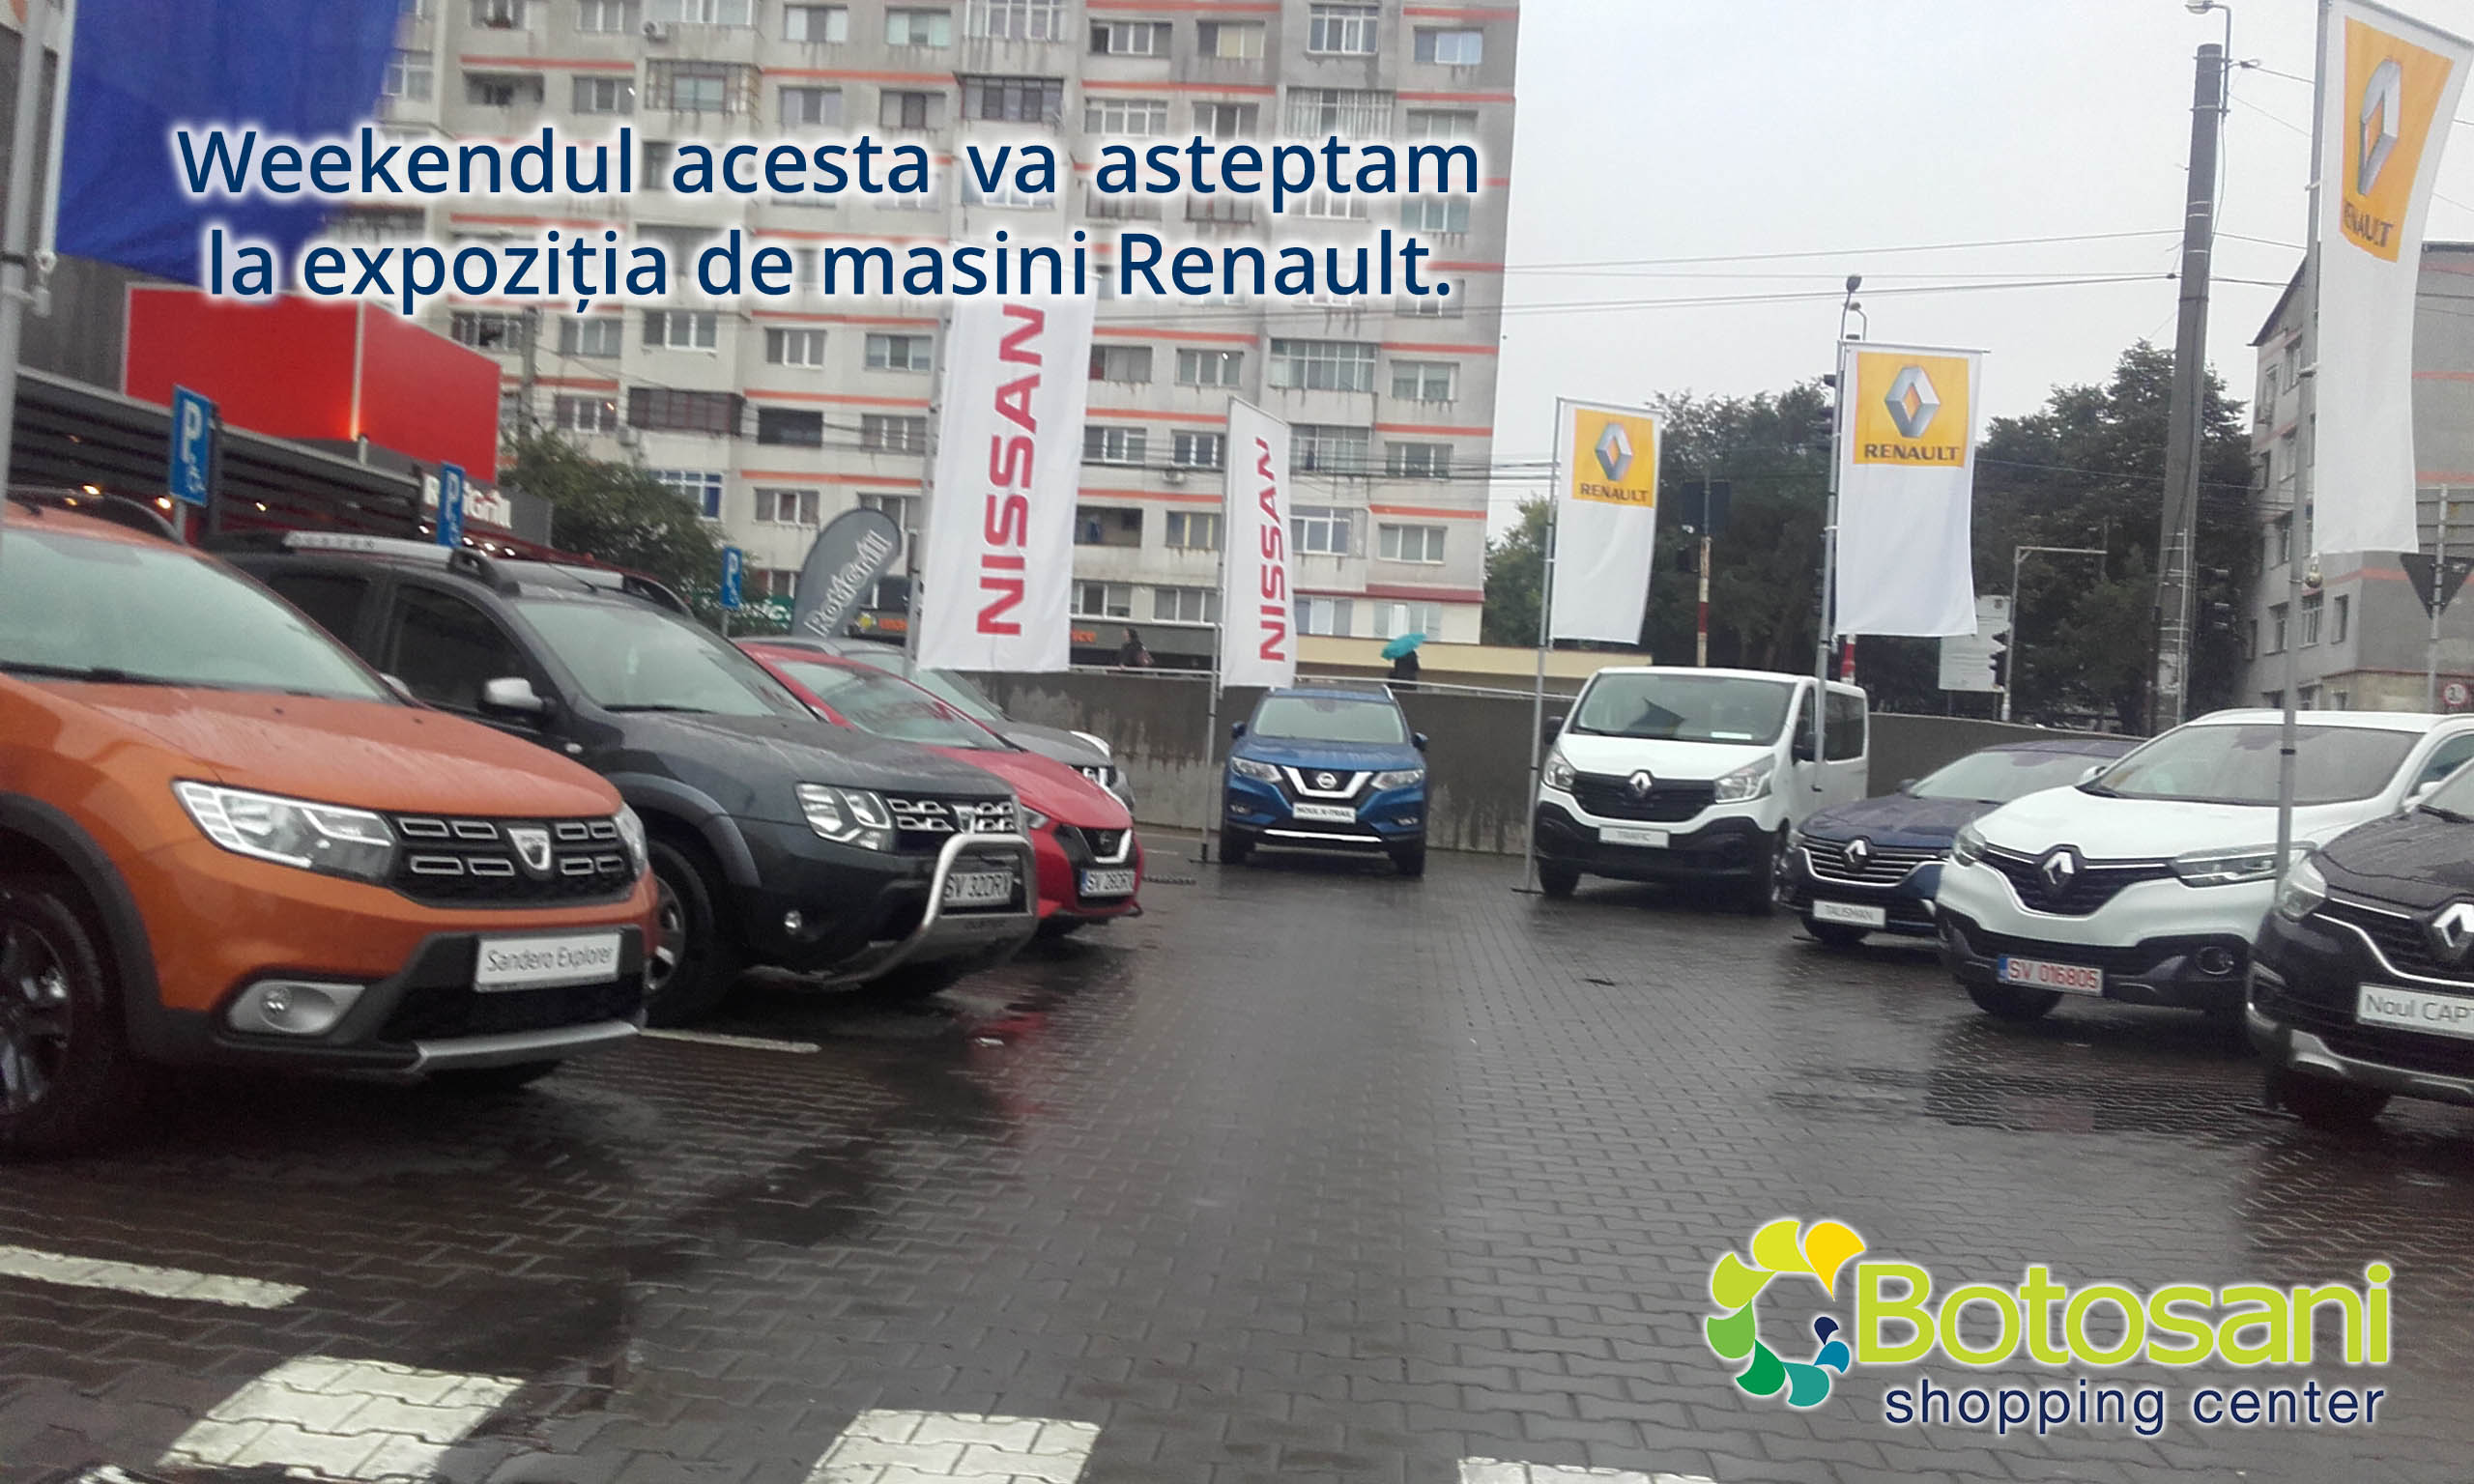 Expozitie de masini Renault